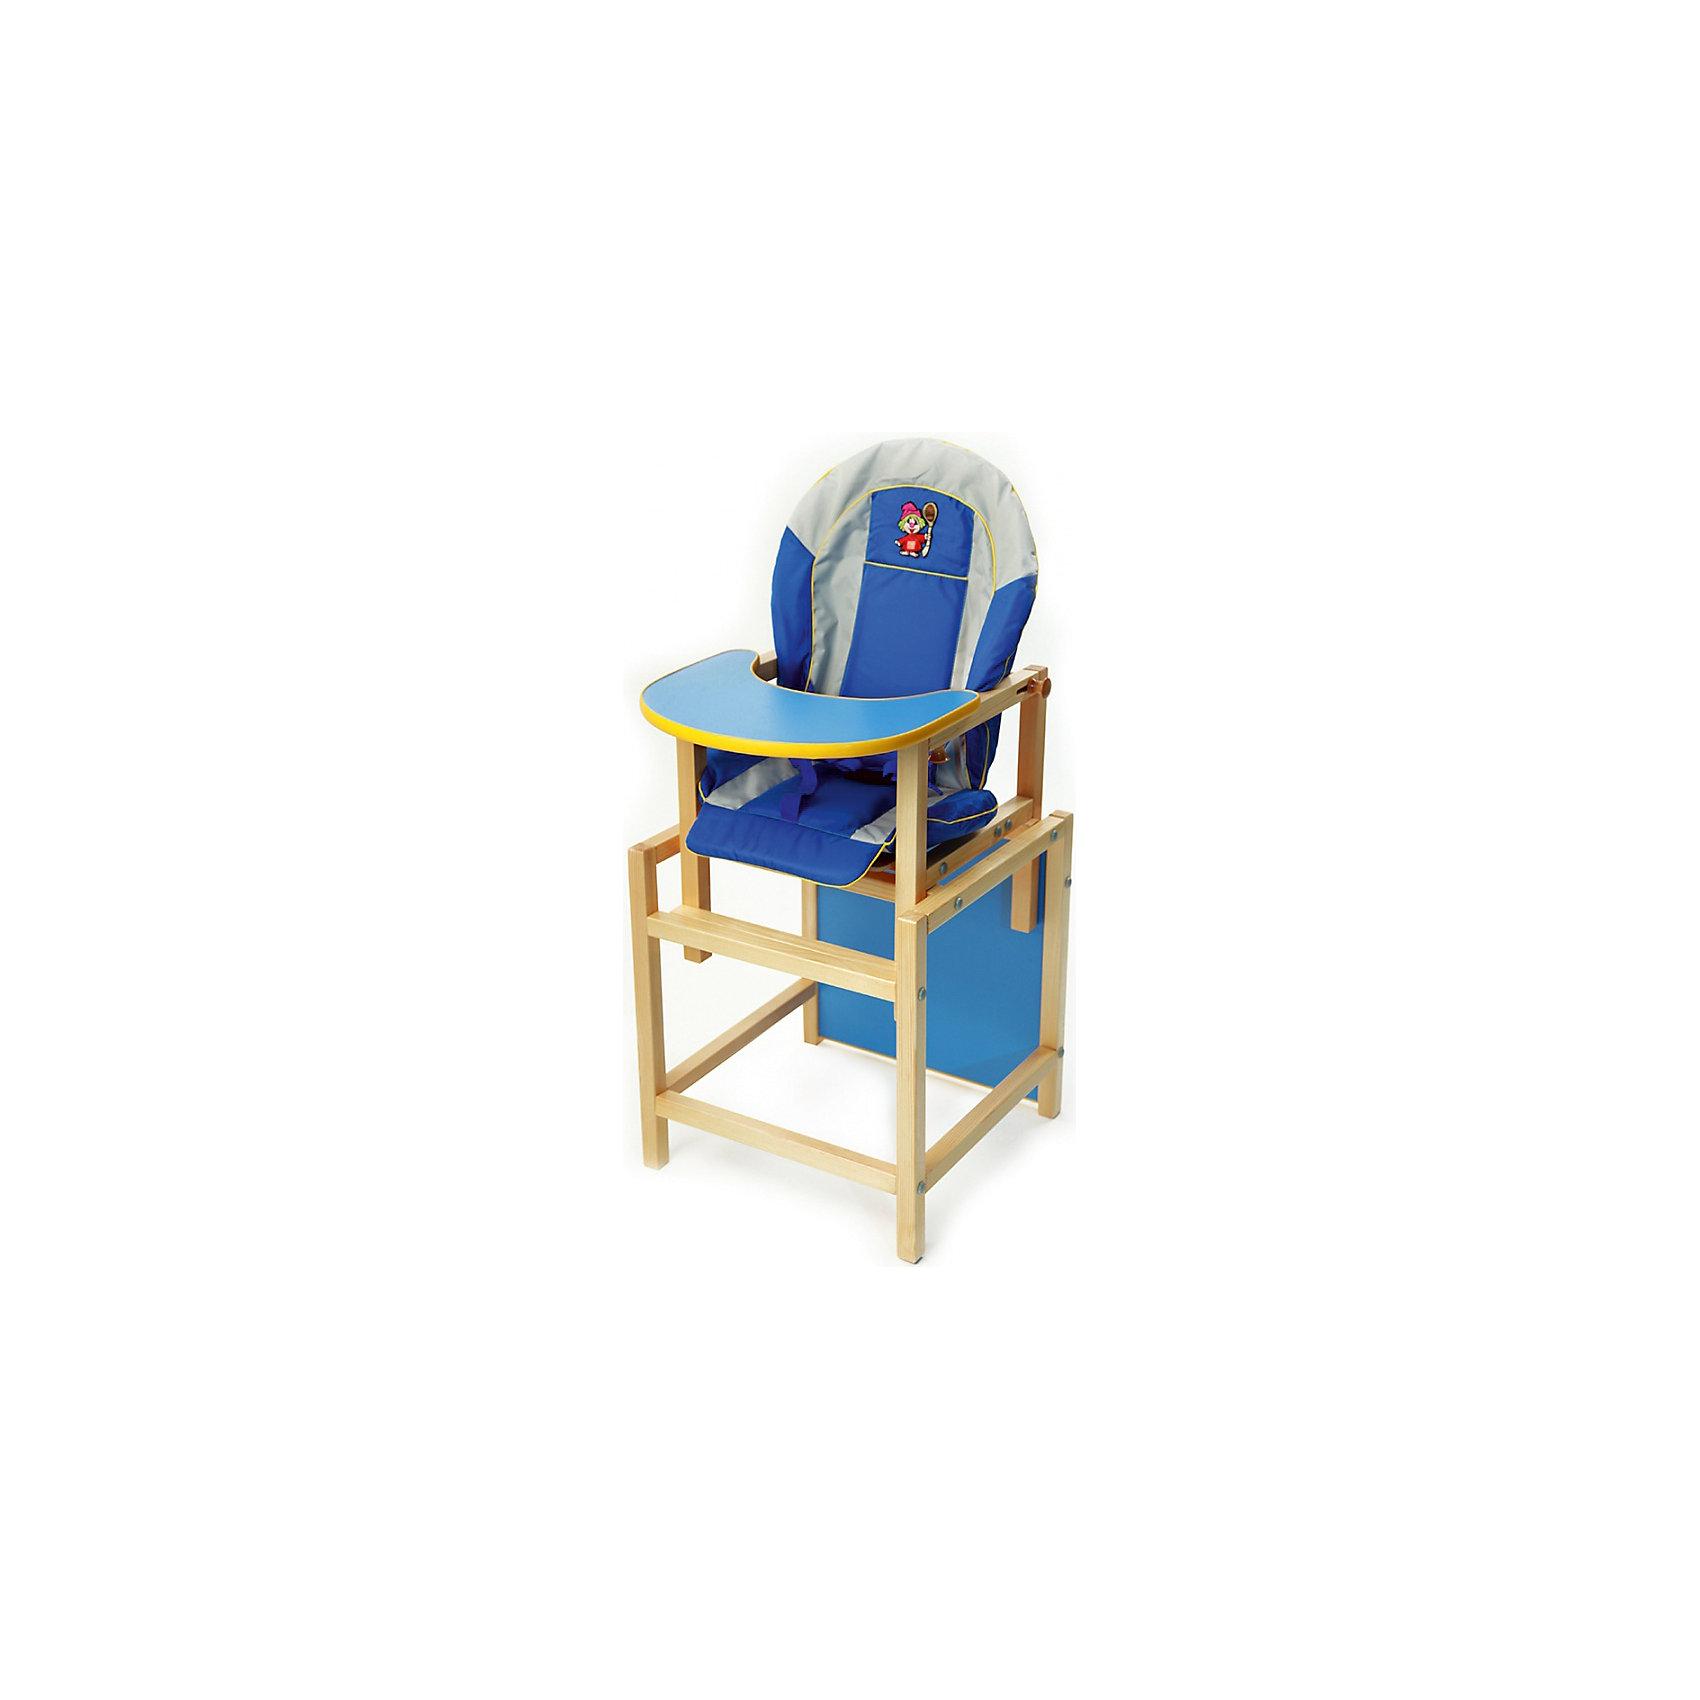 Стульчик-трансформер КУЗЯ, Вилт, синийКрасивый и удобный стульчик-трансформер позволит посадить ребенка, не беспокоясь при этом о его безопасности. Яркий цвет изделия привлечет внимание малыша. Эта модель очень удобна: стул можно применять как для кормления, он трансформируется в столик со стулом для игр, также на нем есть страховочная стропа-ограничитель, которая не позволяет малышу соскальзывать со стула.<br>Сиденье и спинка -  мягкие, комфортные чехлы с подлокотниками.! Конструкция  - очень устойчивая. Изделие произведено из качественных и безопасных для малышей материалов, оно соответствуют всем современным требованиям безопасности.<br> <br>Дополнительная информация:<br><br>цвет: разноцветный;<br>материал: дерево, текстиль;<br>скреплен евровинтами;<br>столик съемный;<br>легко раскладывается из высокого стула в комплект стол со стулом;<br>есть ограничительный ремень между ножек;<br>размеры стульчика: 37х46х53 см;<br>размеры стола: 43х48 х46 см.<br><br>Стульчик-трансформер Кузя от компании Вилт можно купить в нашем магазине.<br><br>Ширина мм: 620<br>Глубина мм: 730<br>Высота мм: 1030<br>Вес г: 9700<br>Возраст от месяцев: 6<br>Возраст до месяцев: 36<br>Пол: Унисекс<br>Возраст: Детский<br>SKU: 4720016